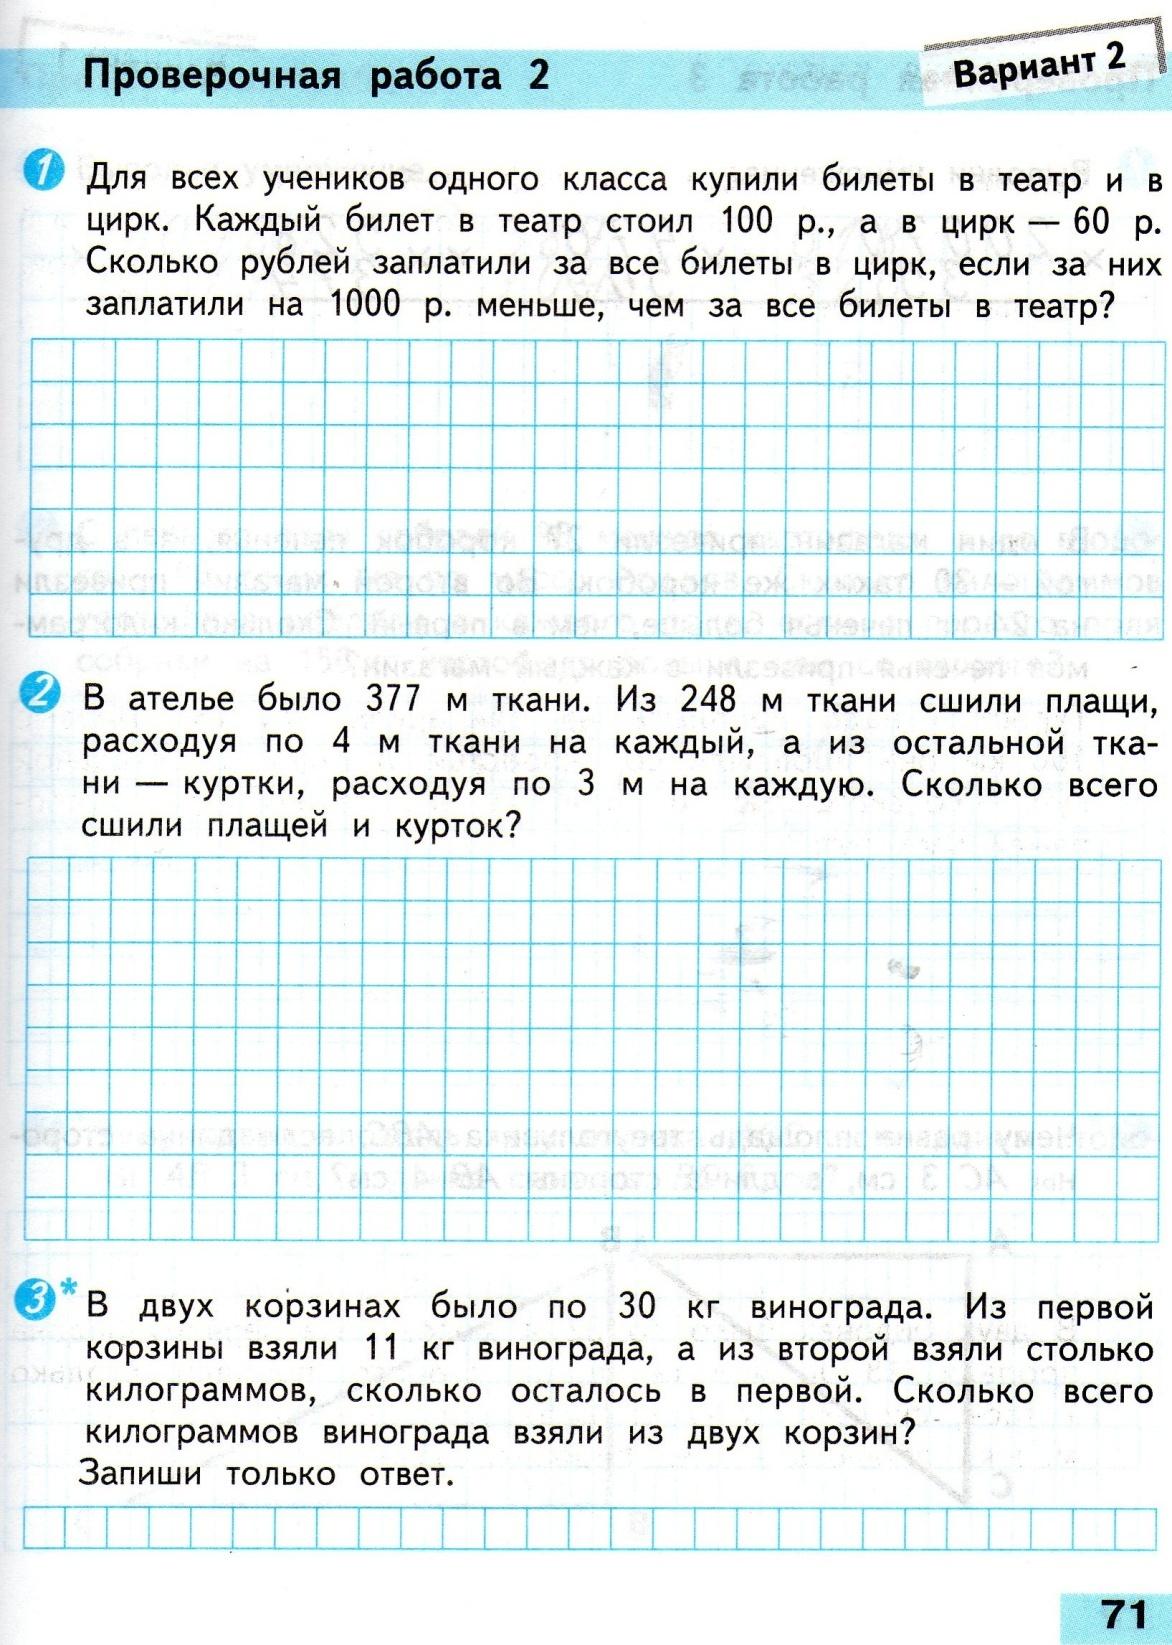 C:\Documents and Settings\Admin\Мои документы\Мои рисунки\1570.jpg